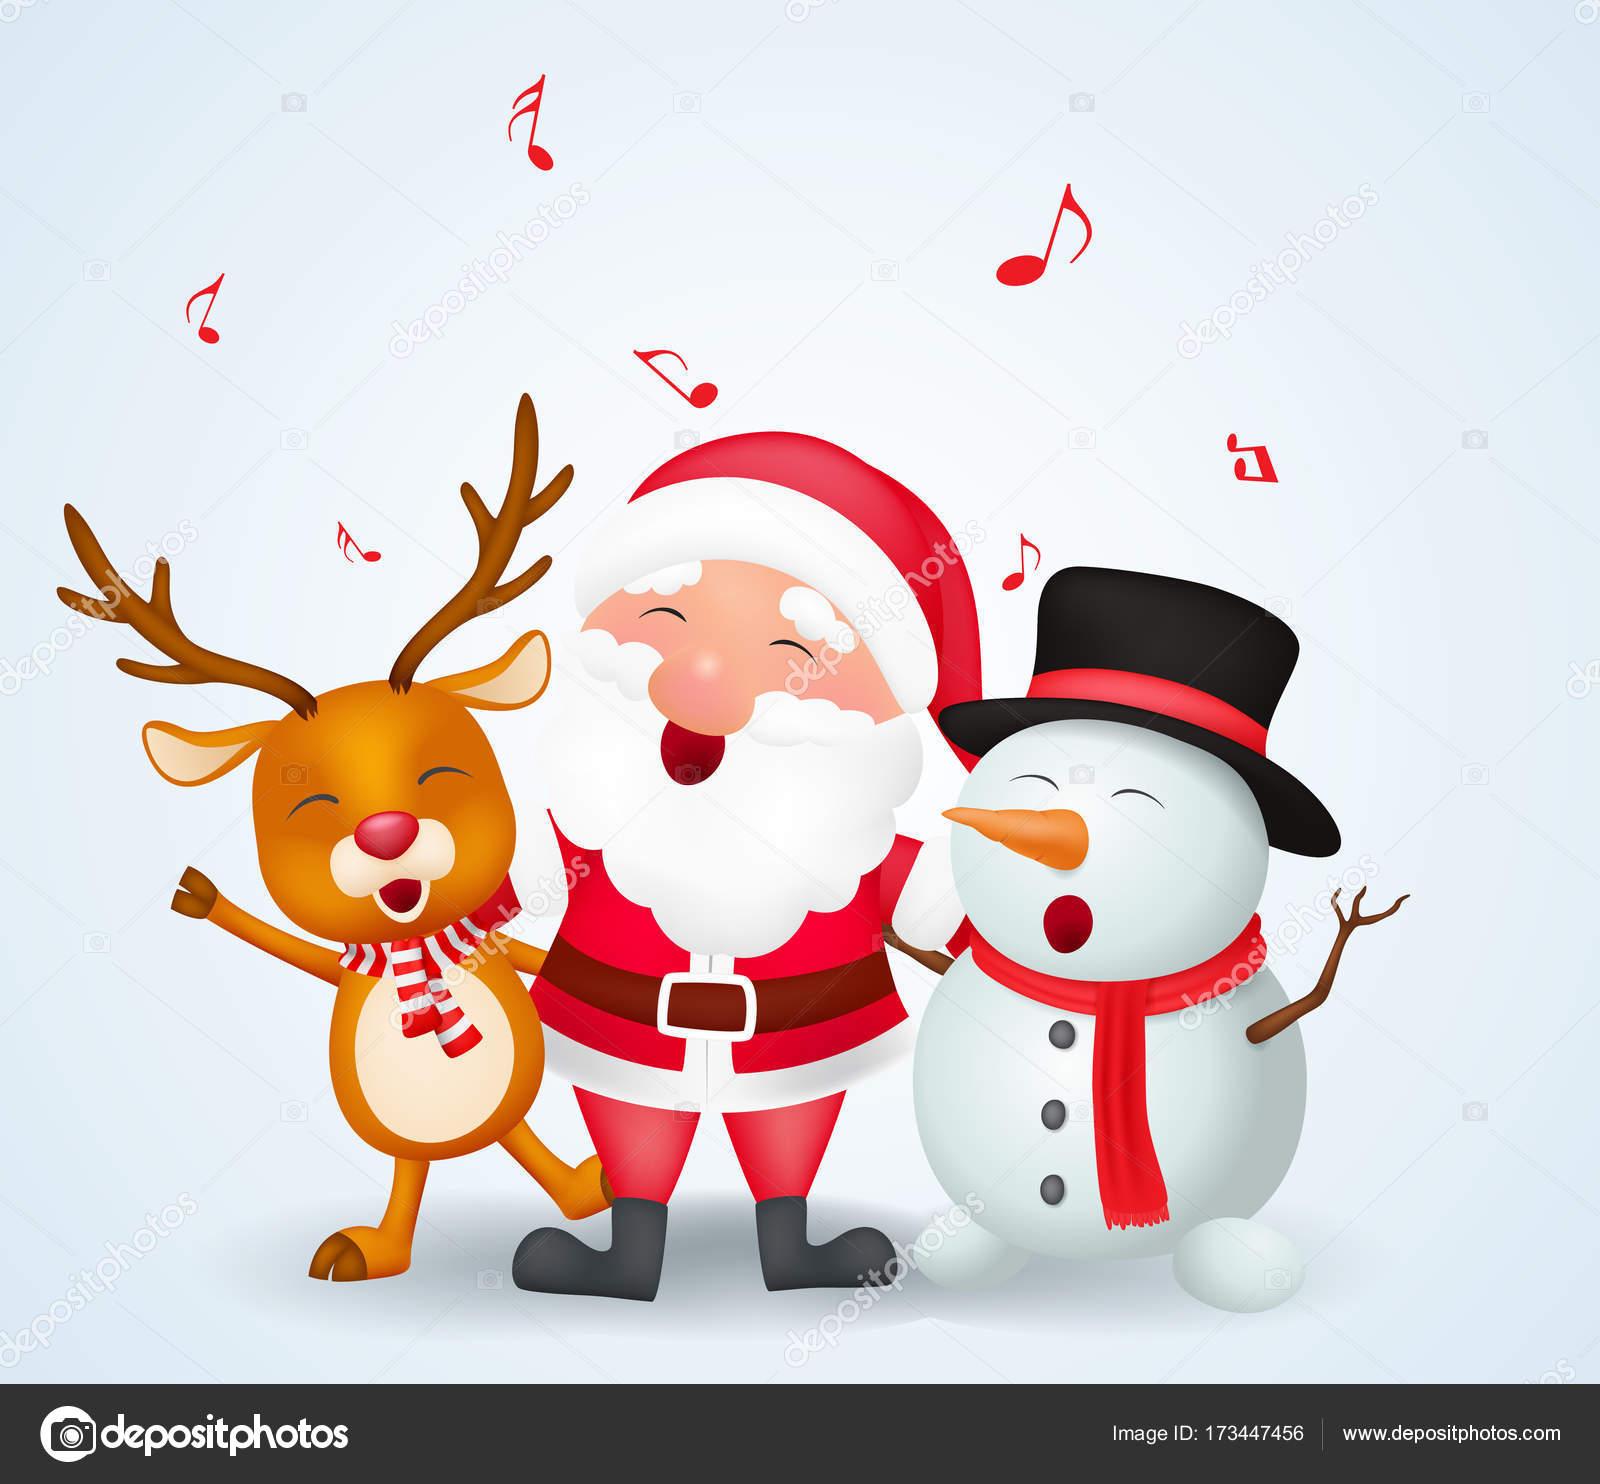 Immagini Babbo Natale Con Renne.Illustrazione Buon Natale Con Renna Prioritg Bassa Vettore